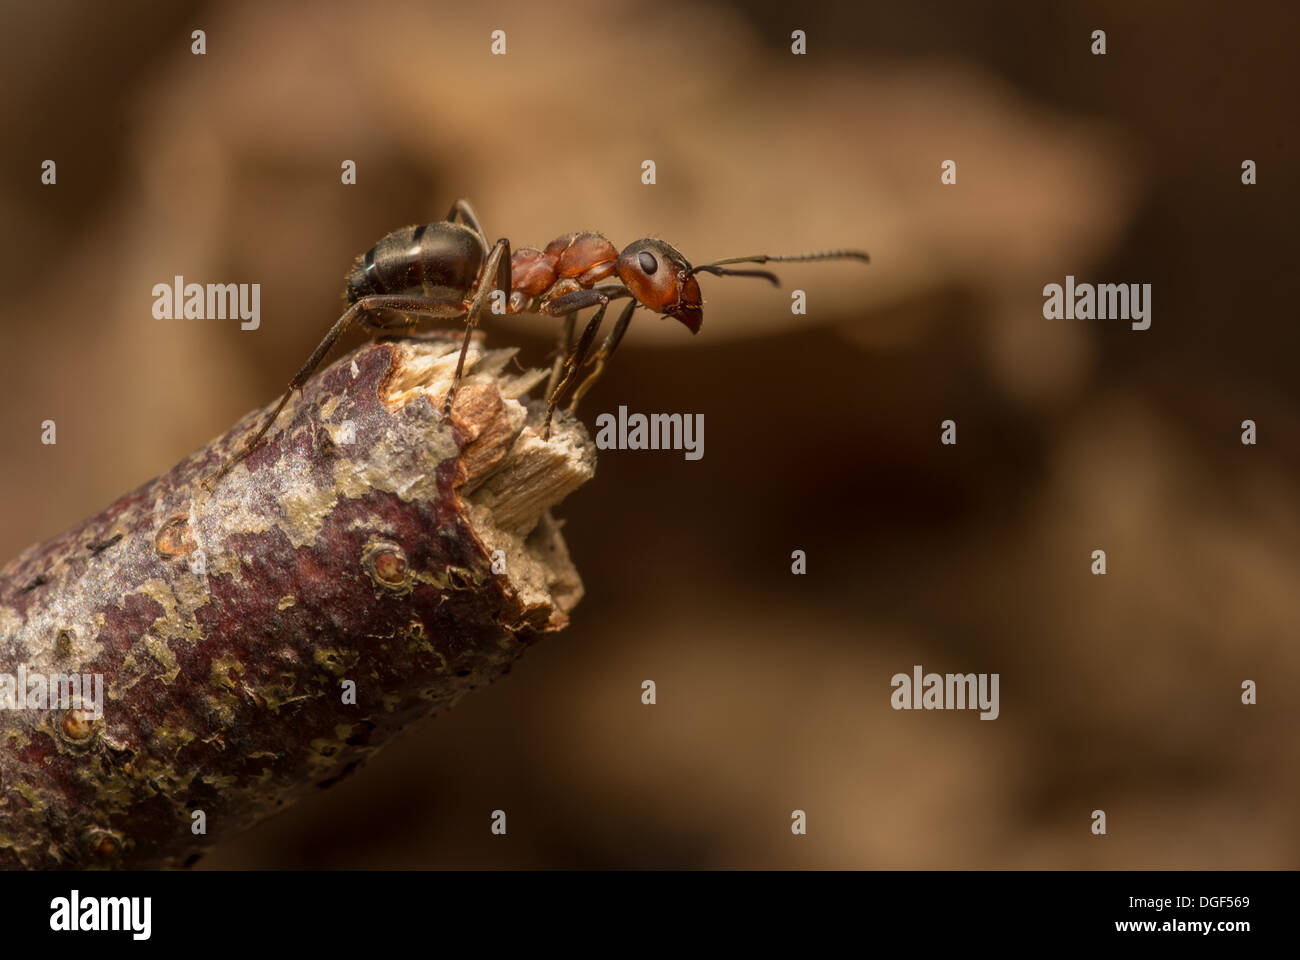 Legno ant su ramoscello Foto Stock